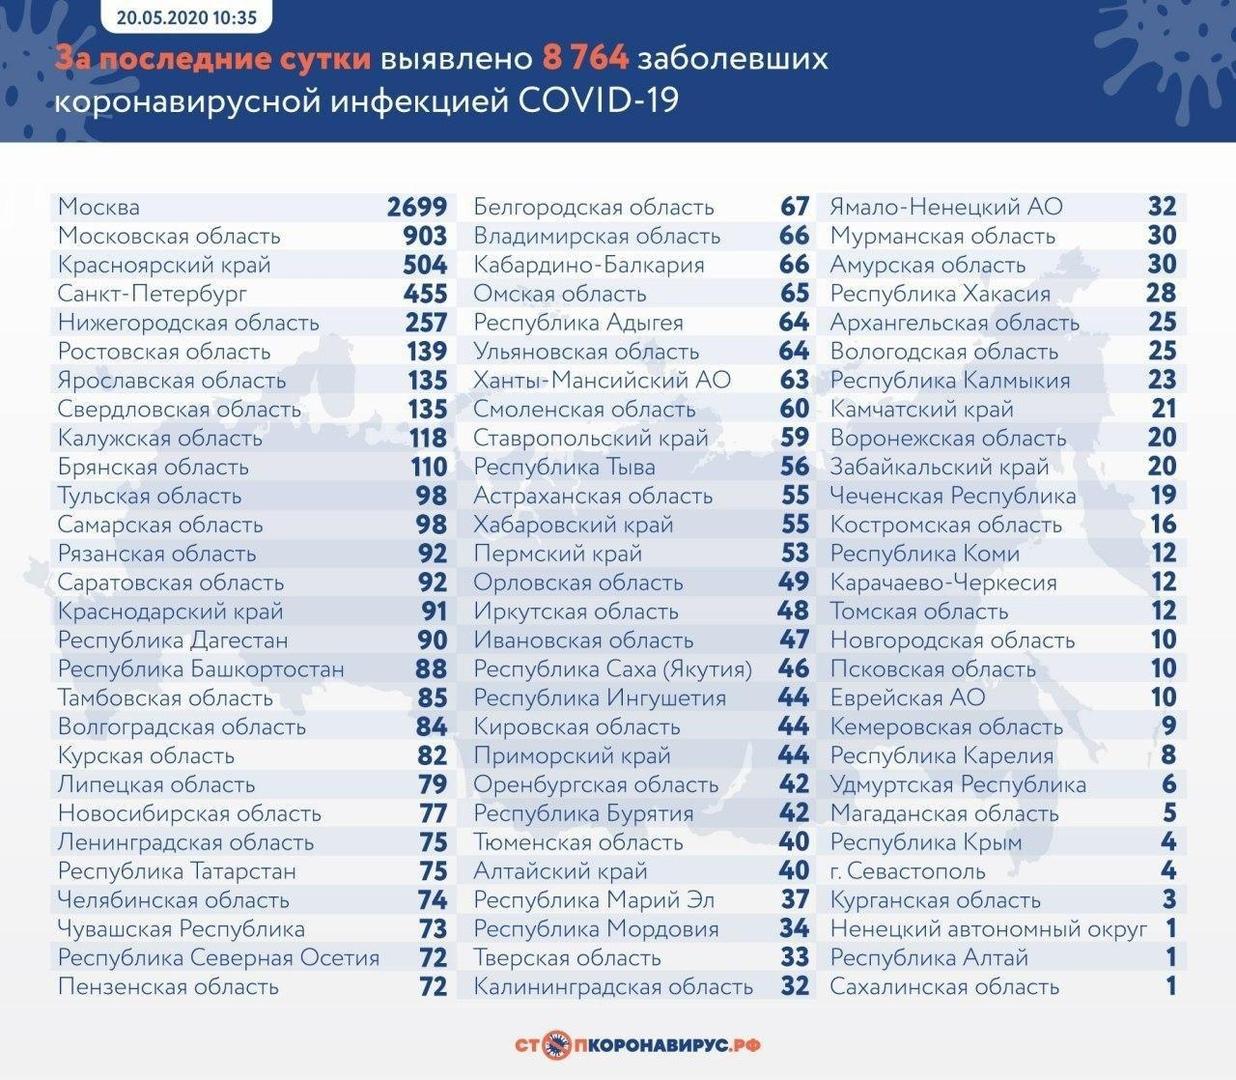 Число выздоровевших от COVID-19 в России превысило новые выявленные случаи